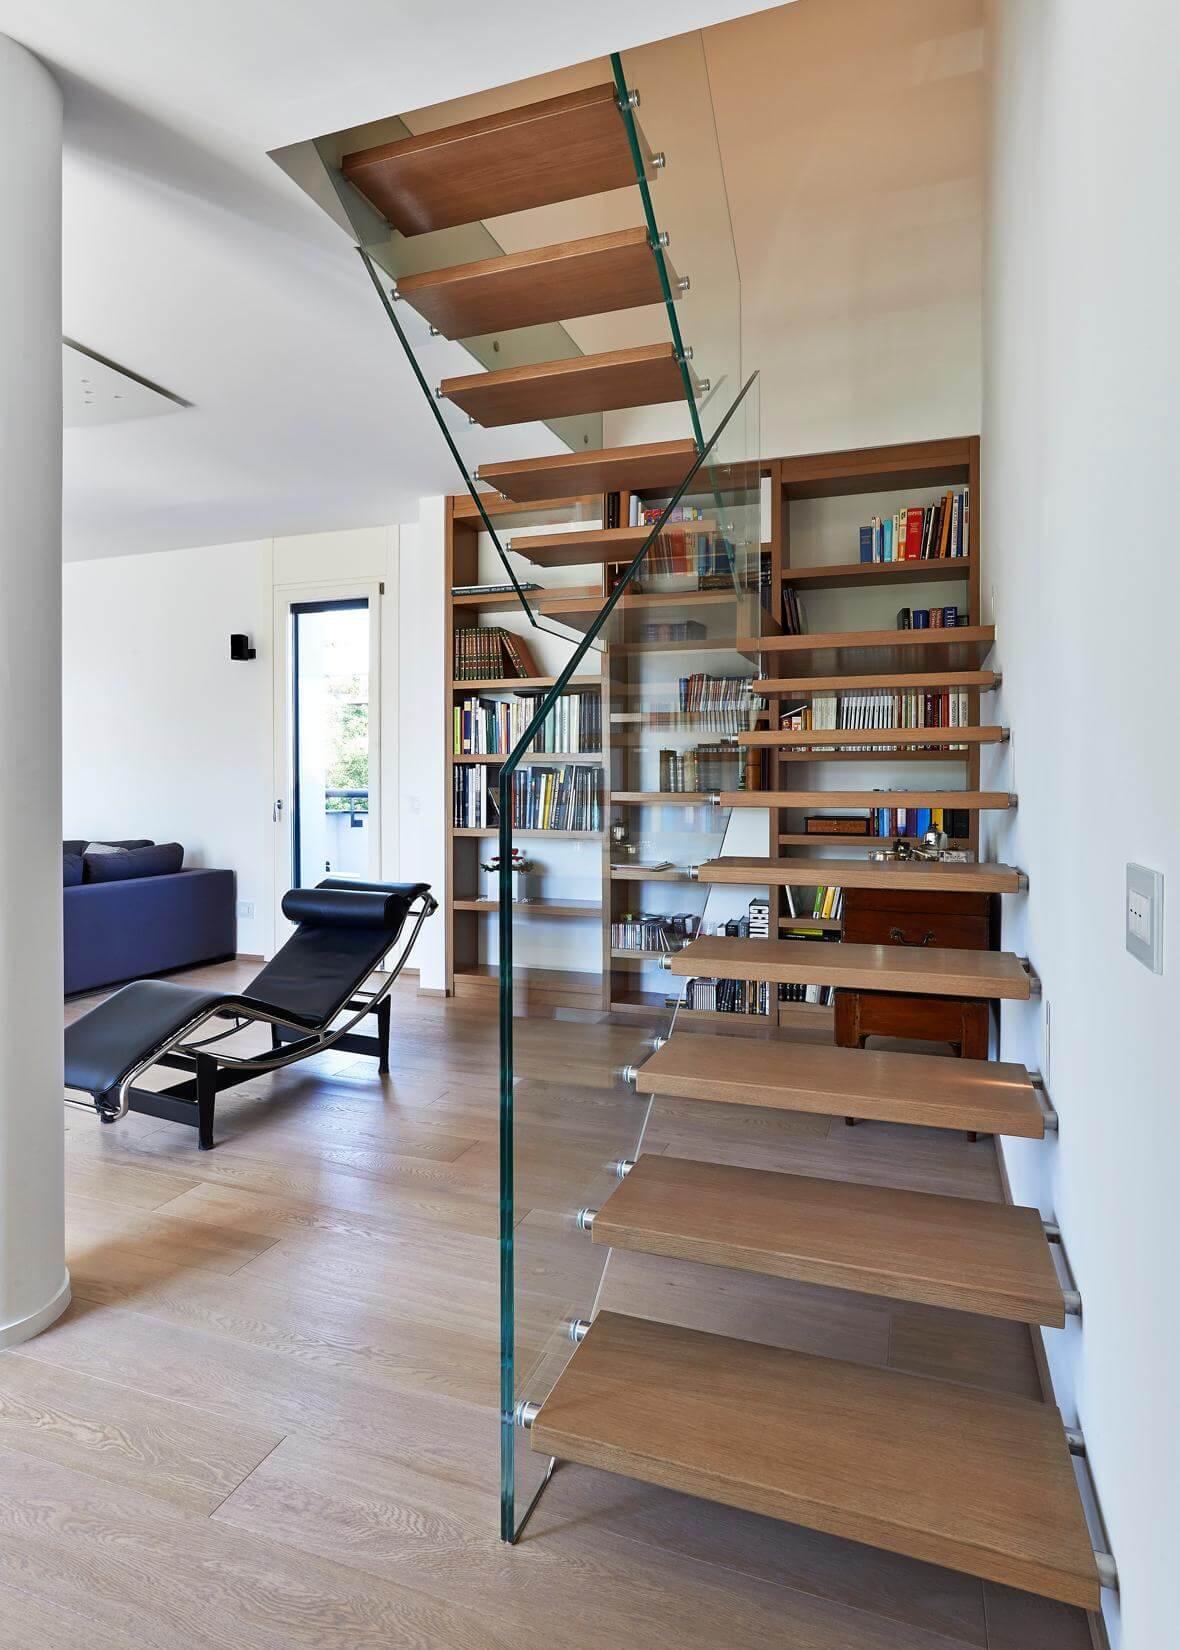 Glastragende Treppe mit Bücherregal – eine Einheit